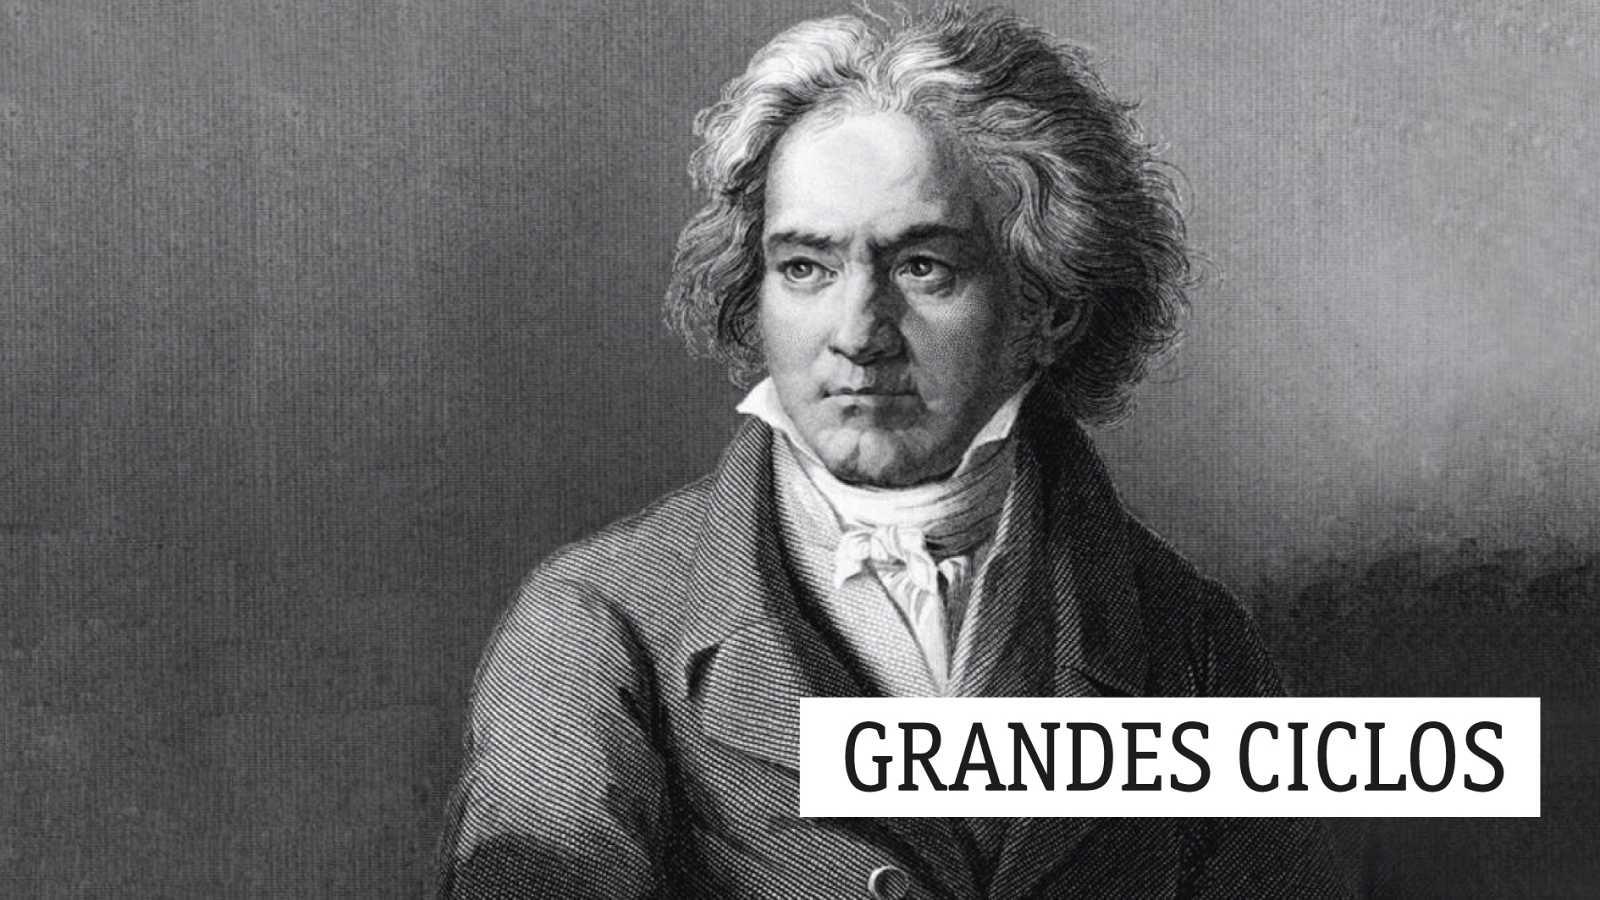 Grandes ciclos - L. van Beethoven (CXII):  El triunfo del ingenio - 28/10/20 - escuchar ahora